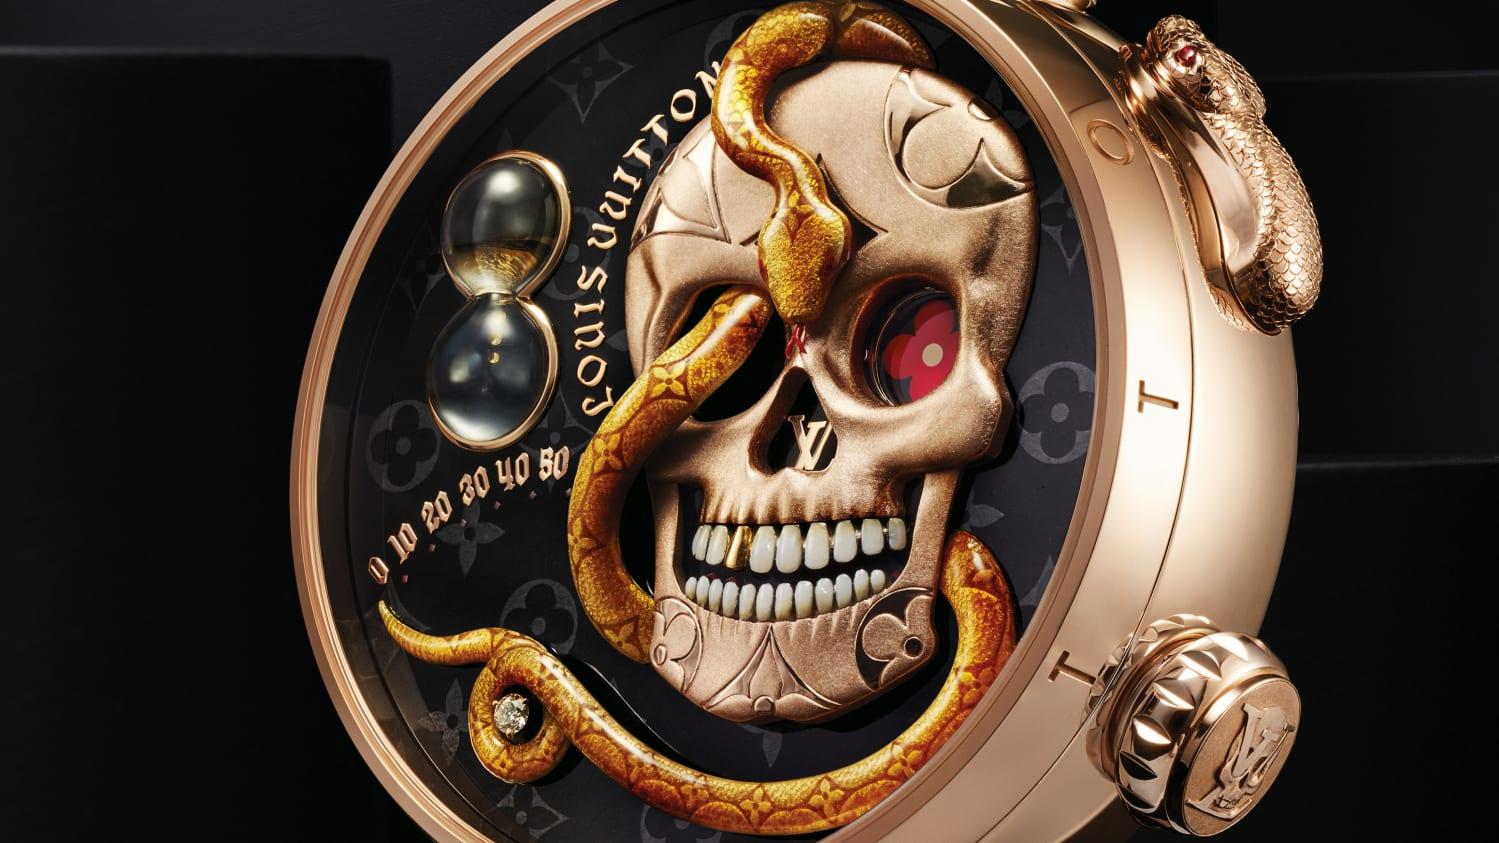 می خواهیم شما را با برخی از بهترین، زیباترین و گرانقیمت ترین ساعت های نمایشگاه آنلاین Watches & Wonders معرفی شدند آشنا کنیم.